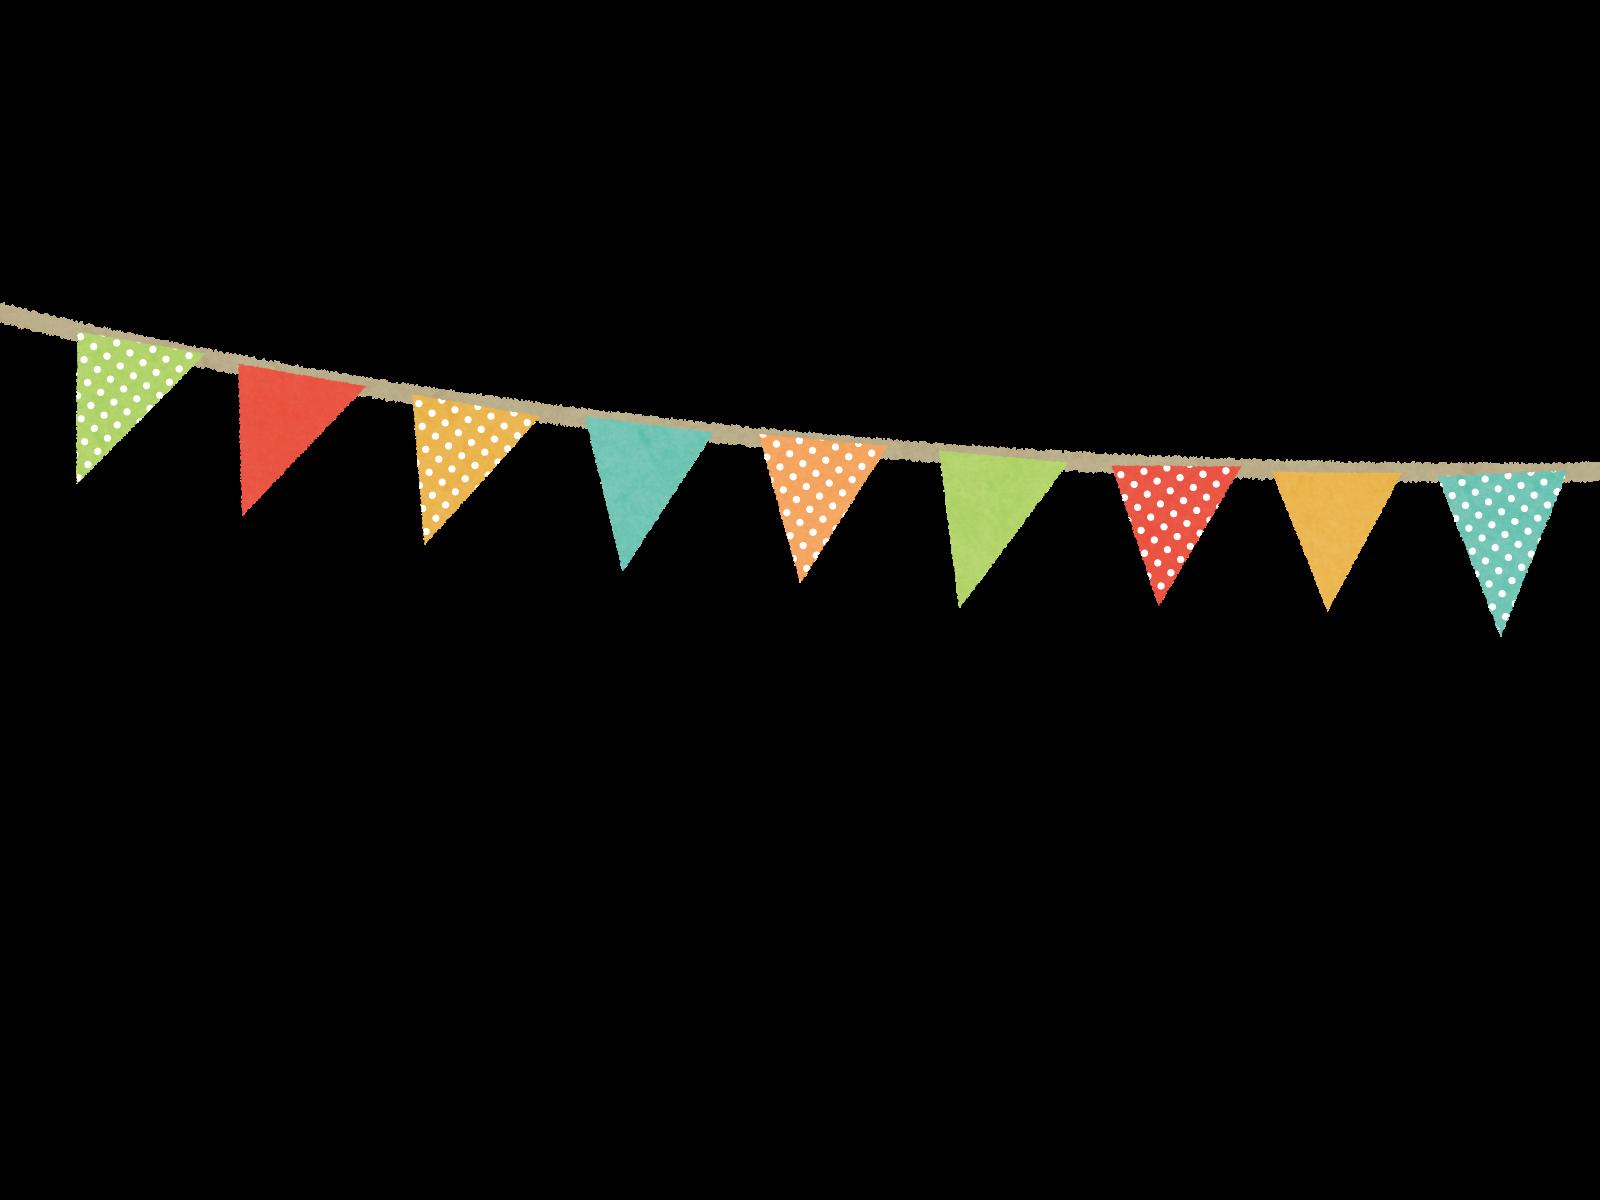 無料で使えるフリーならくがき素材 運動会の旗のイラスト